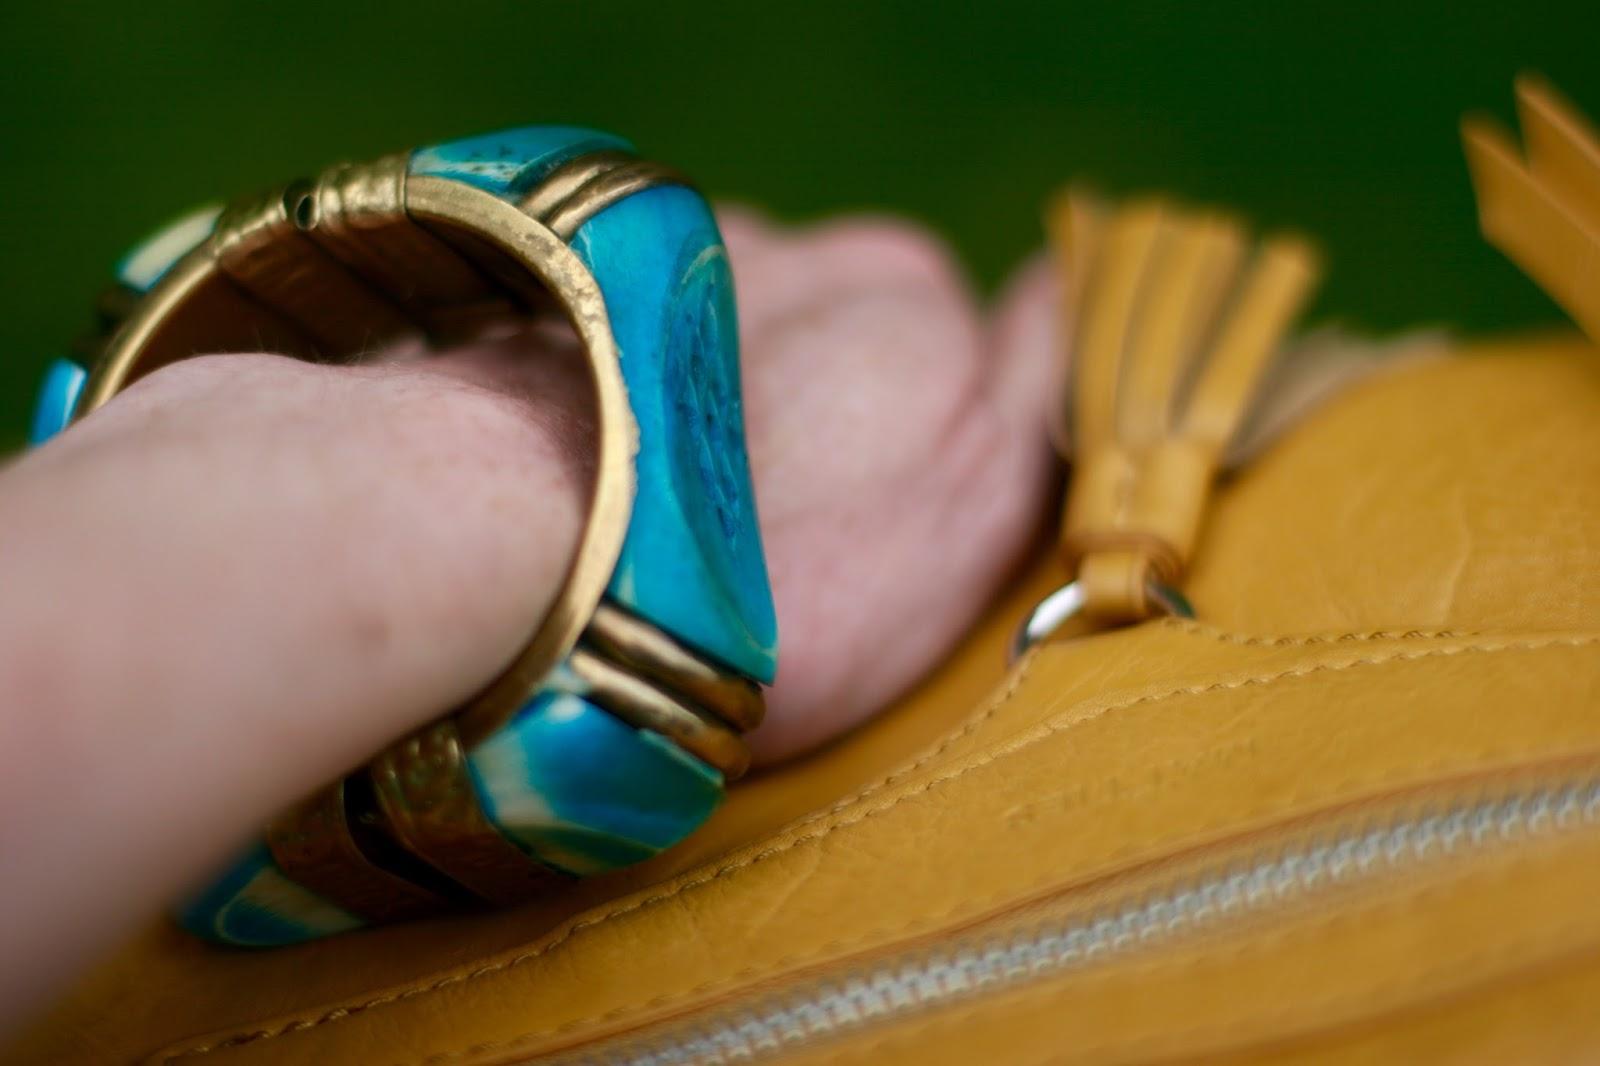 Vintage bangle and a yellow bag.